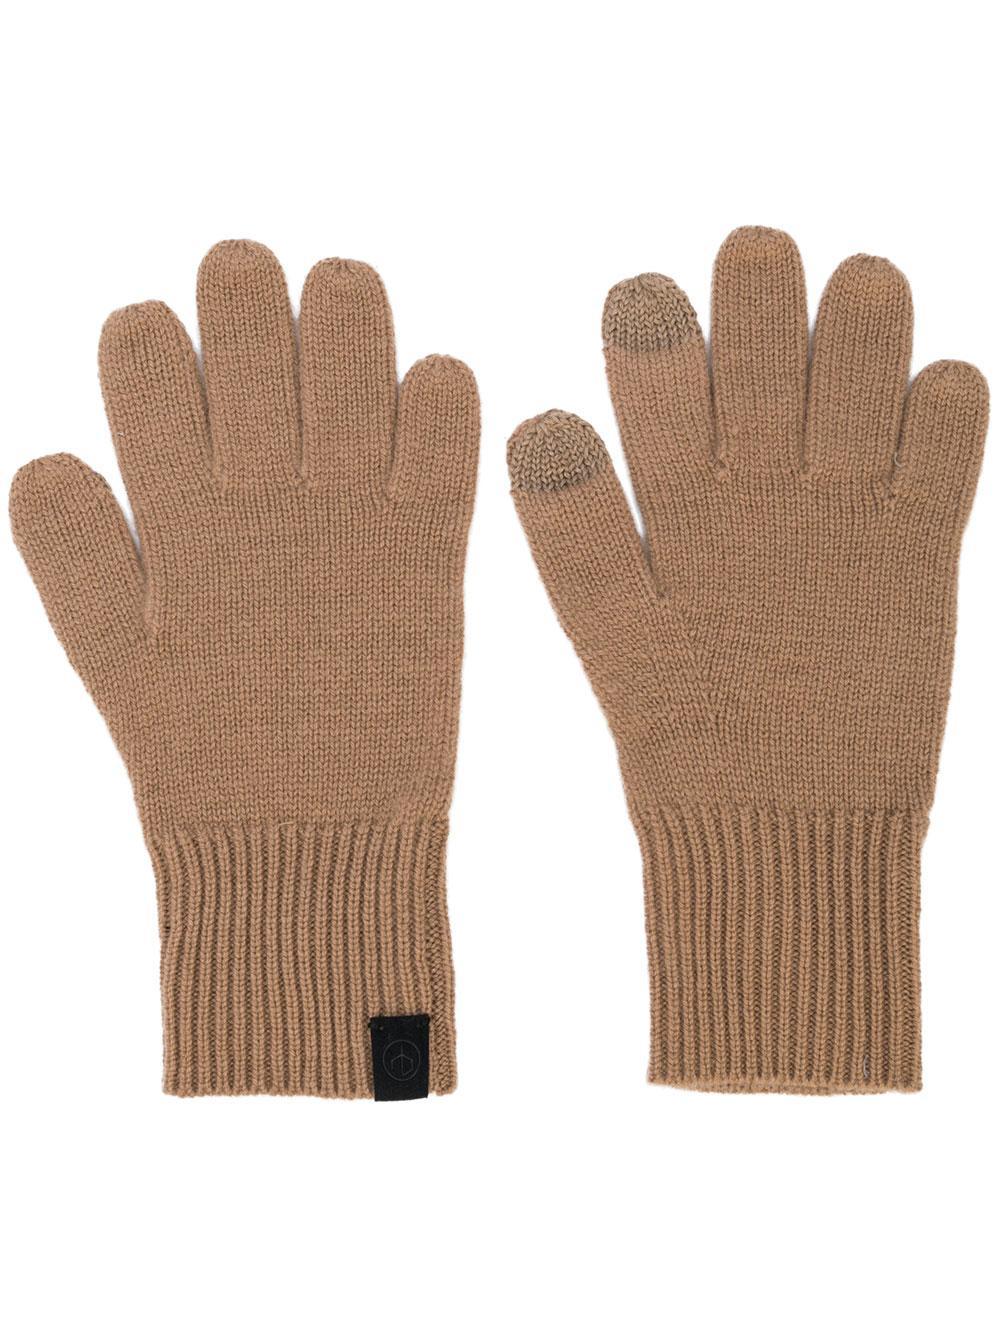 Logan Cashmere Gloves